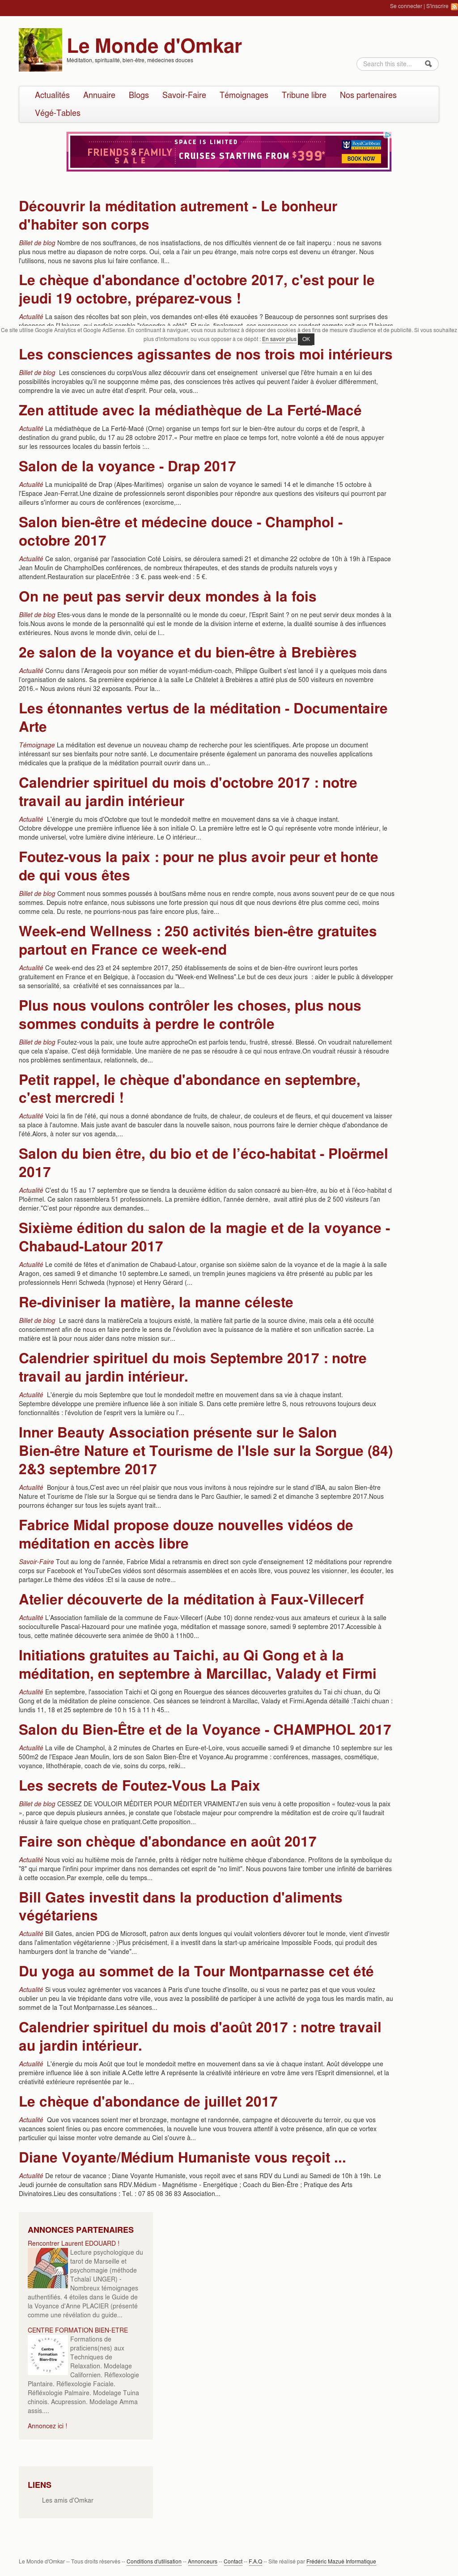 foto de Le Monde D'omkar Competitors, Revenue and Employees - Owler ...